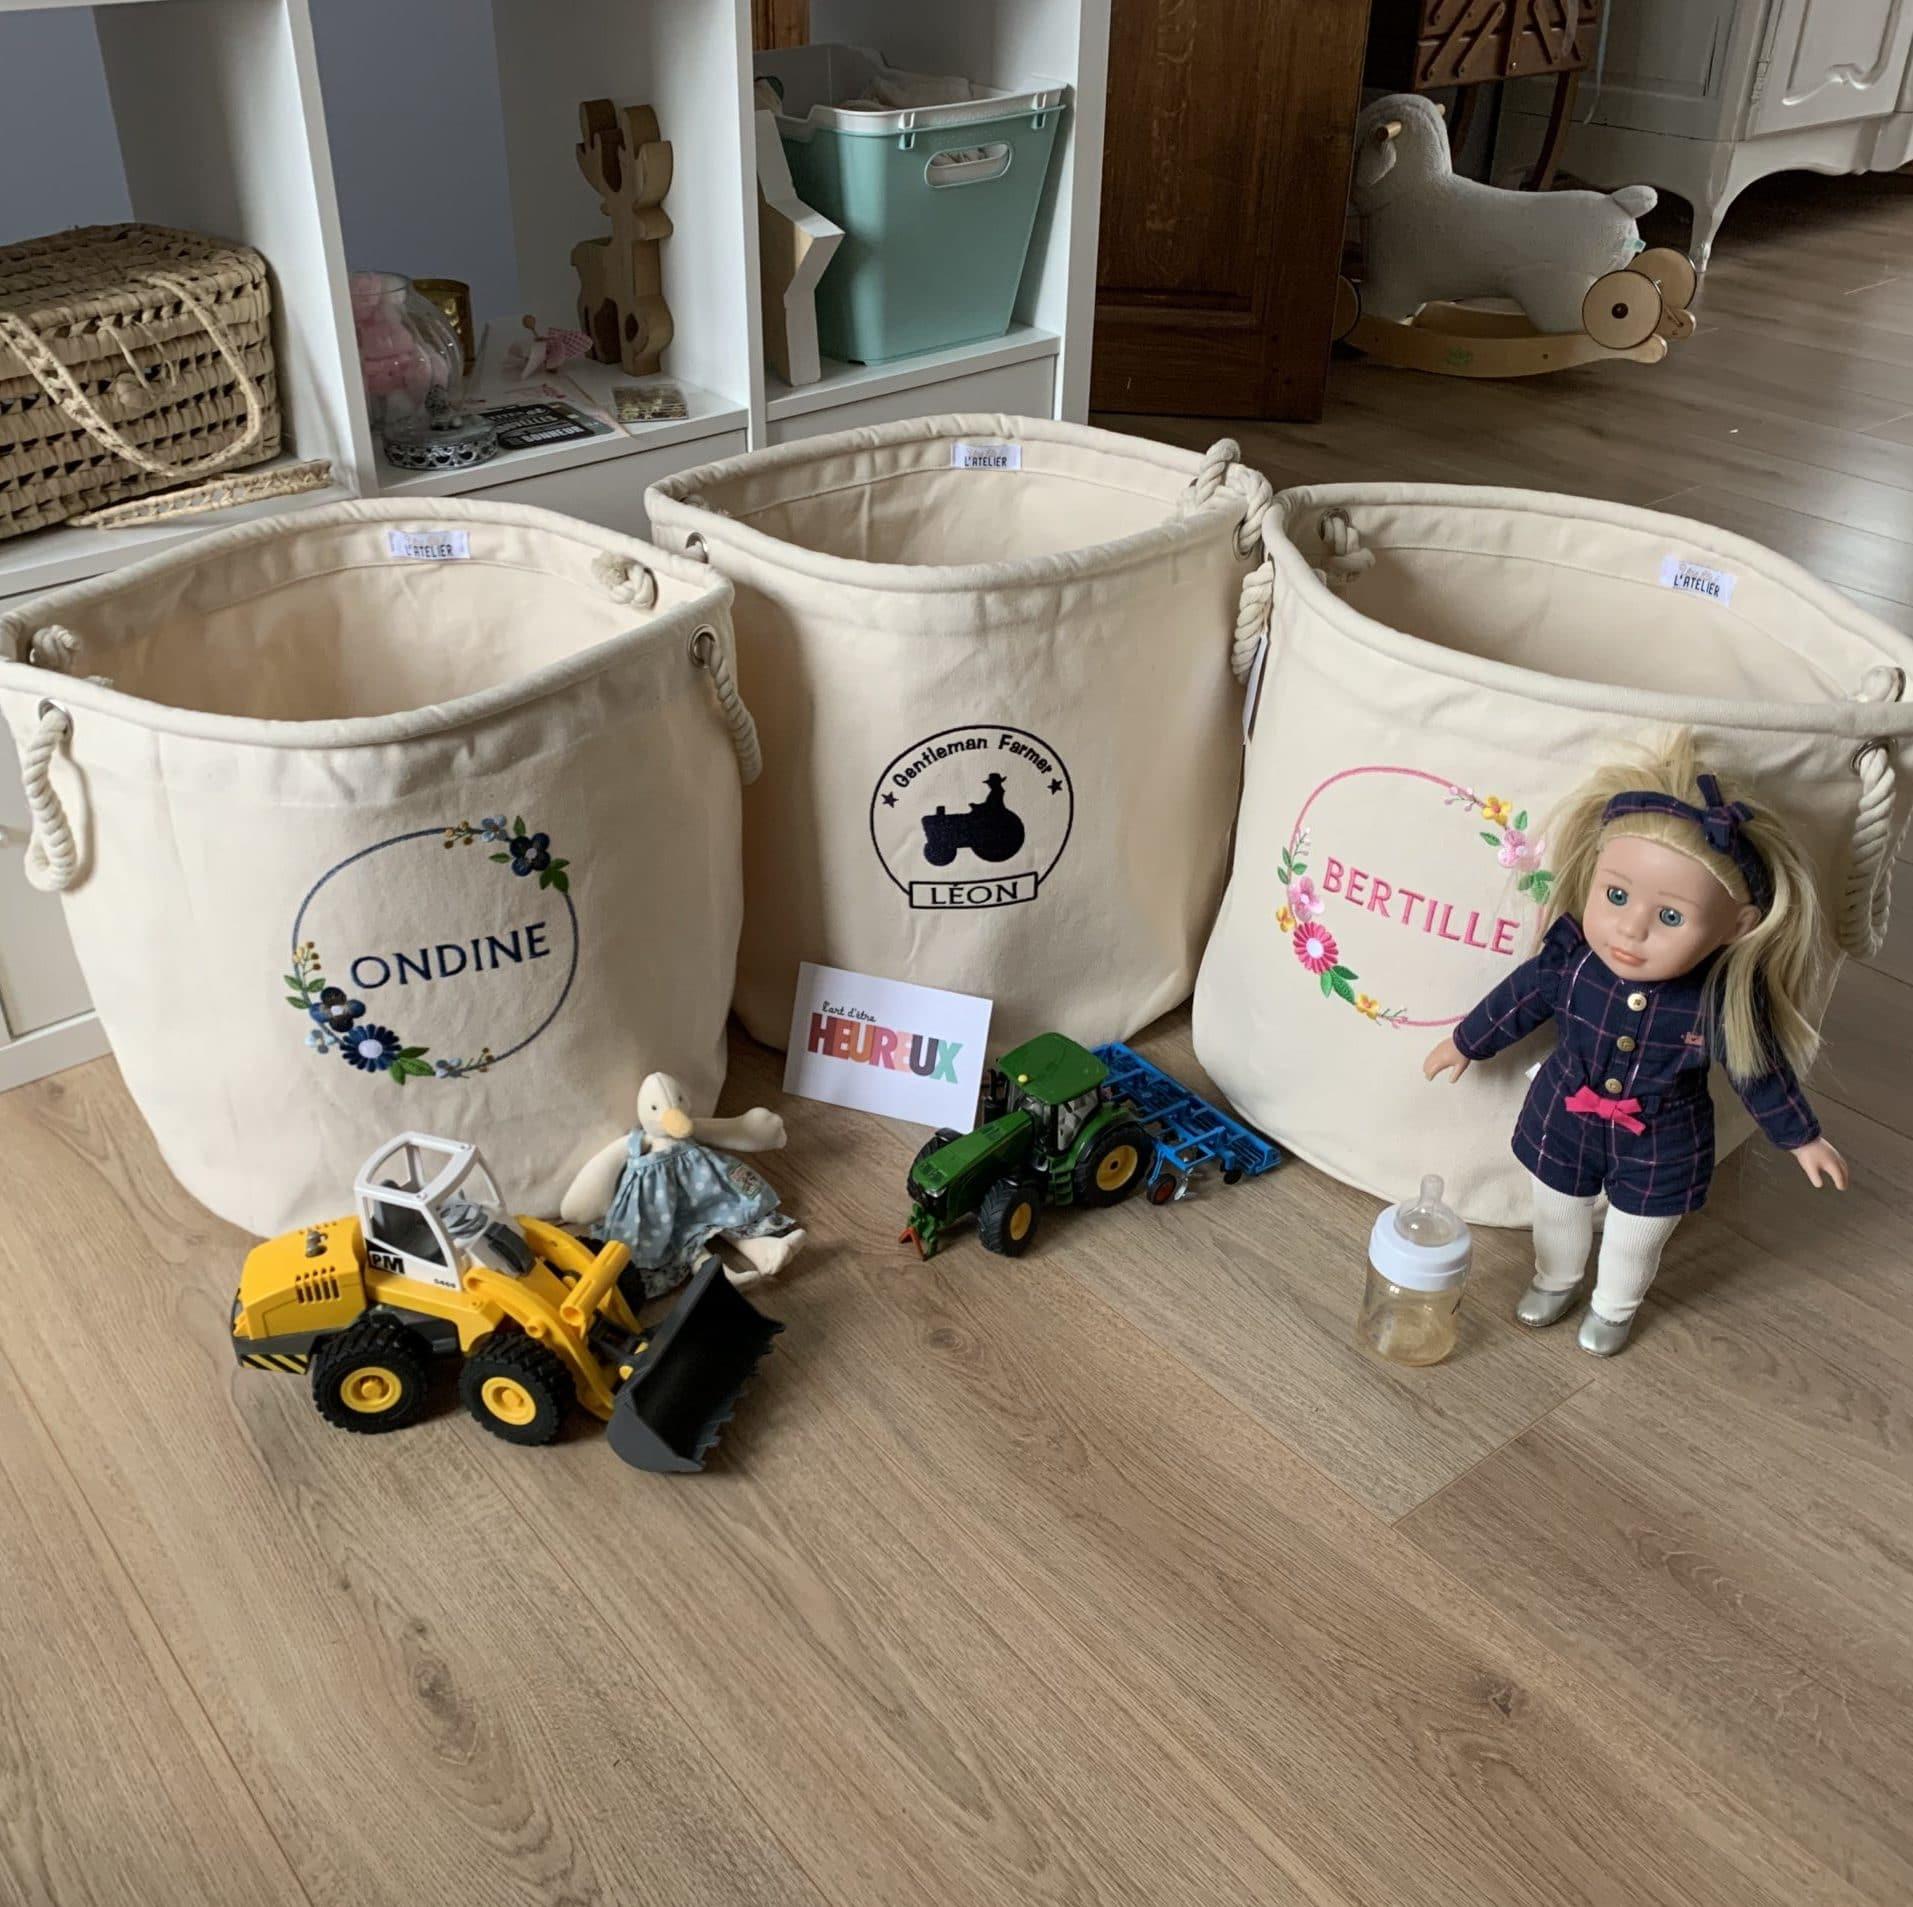 Le sac à jouets